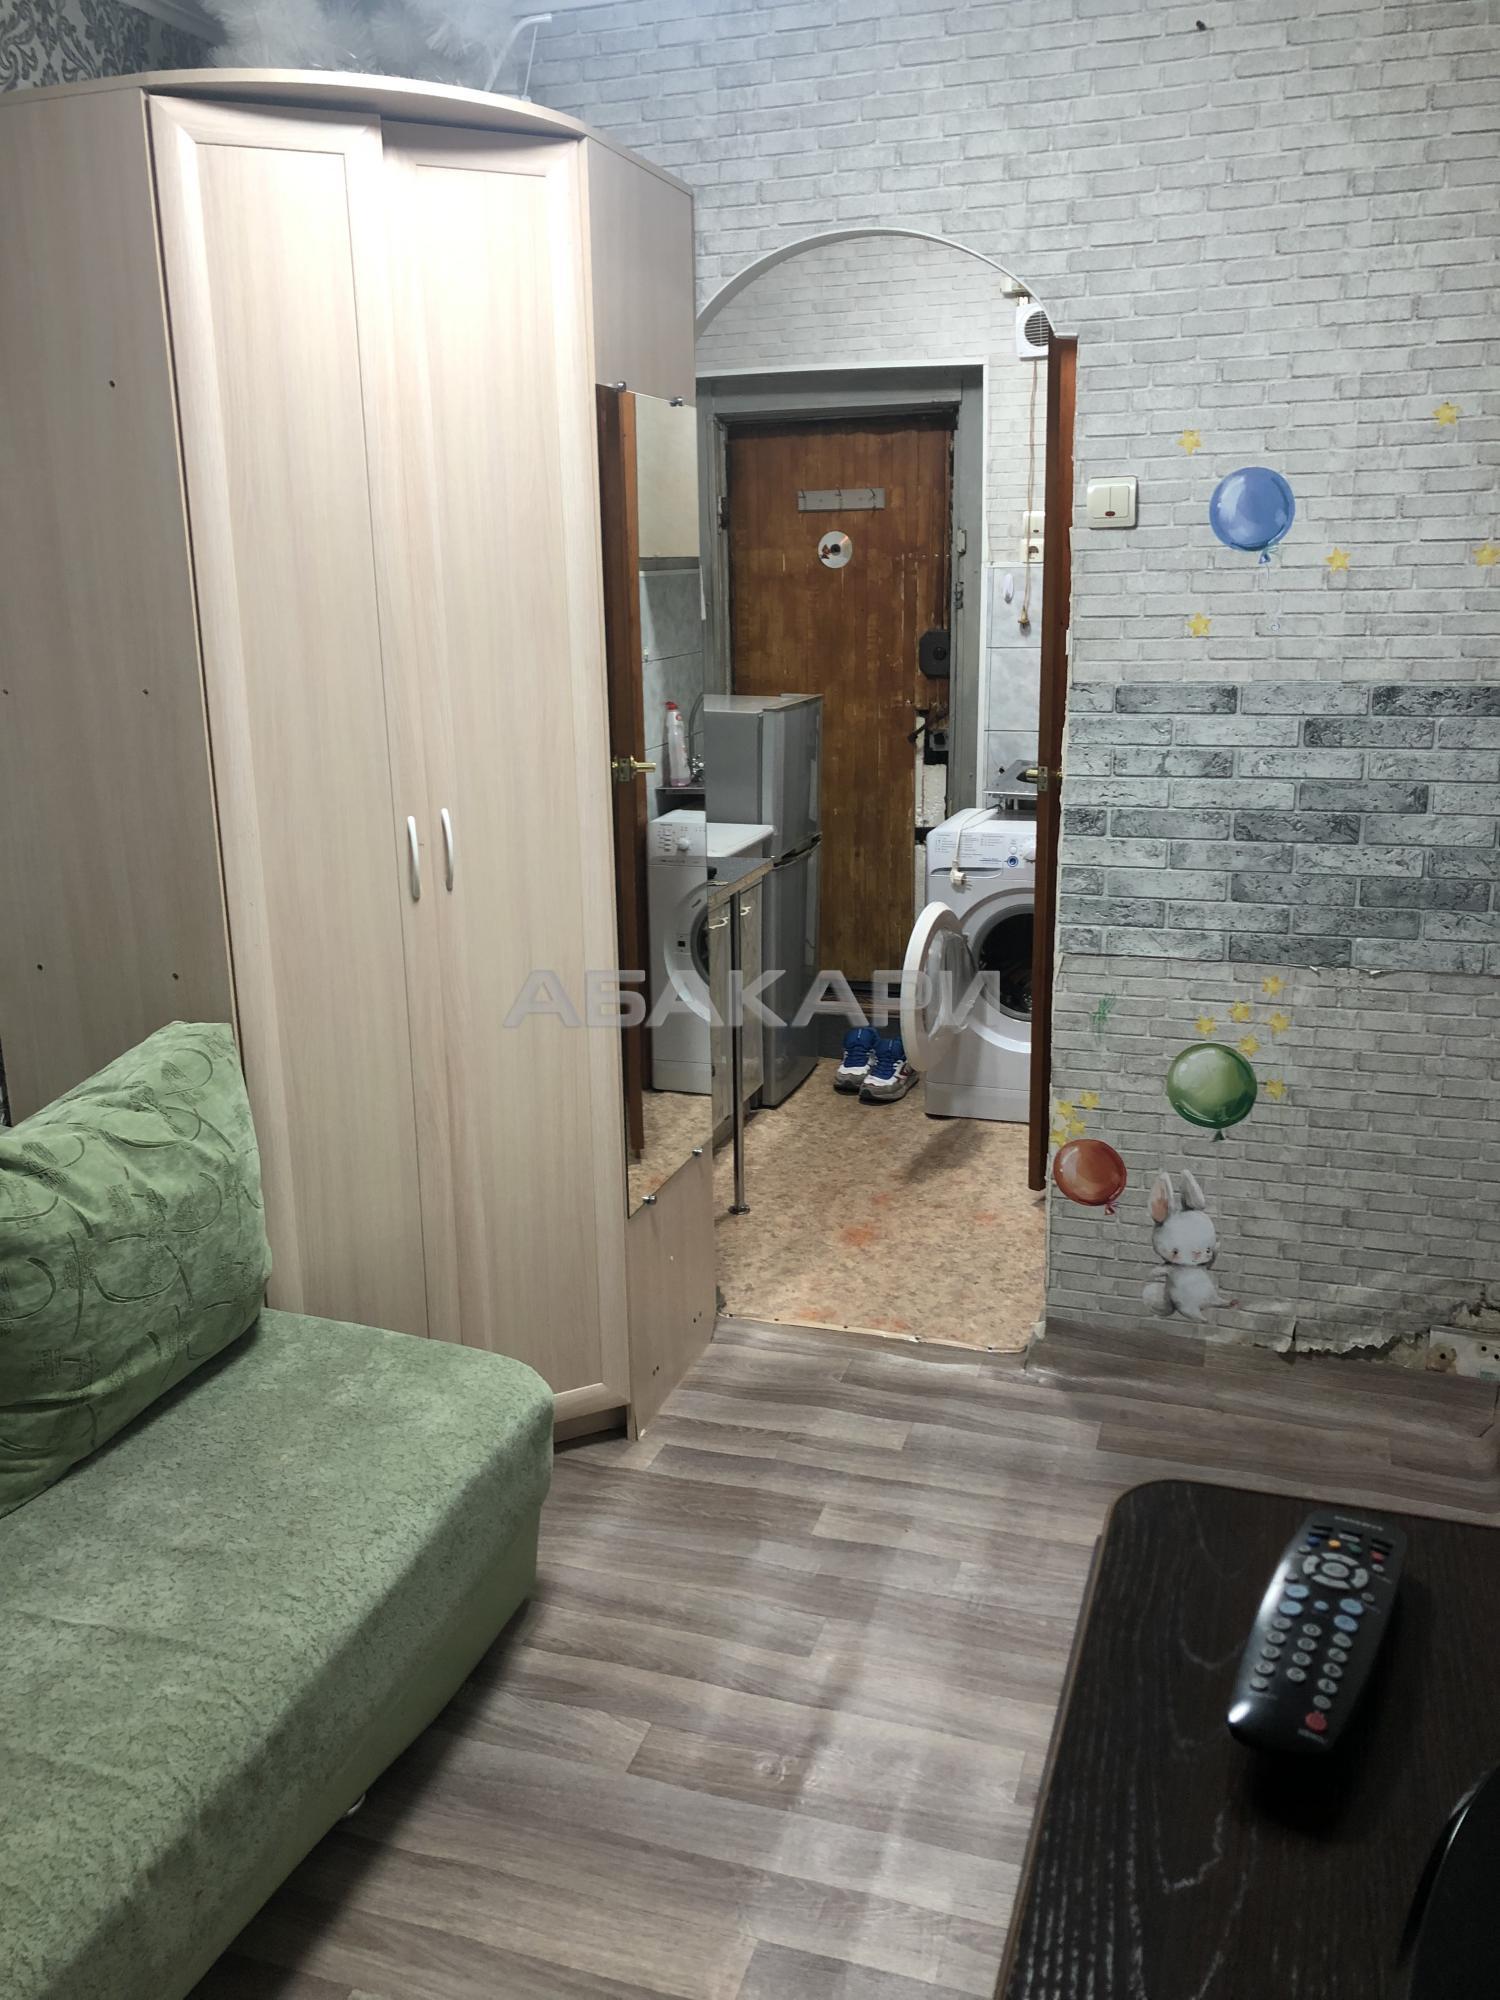 1к квартира Коммунальная улица, 4А | 11500 | аренда в Красноярске фото 5